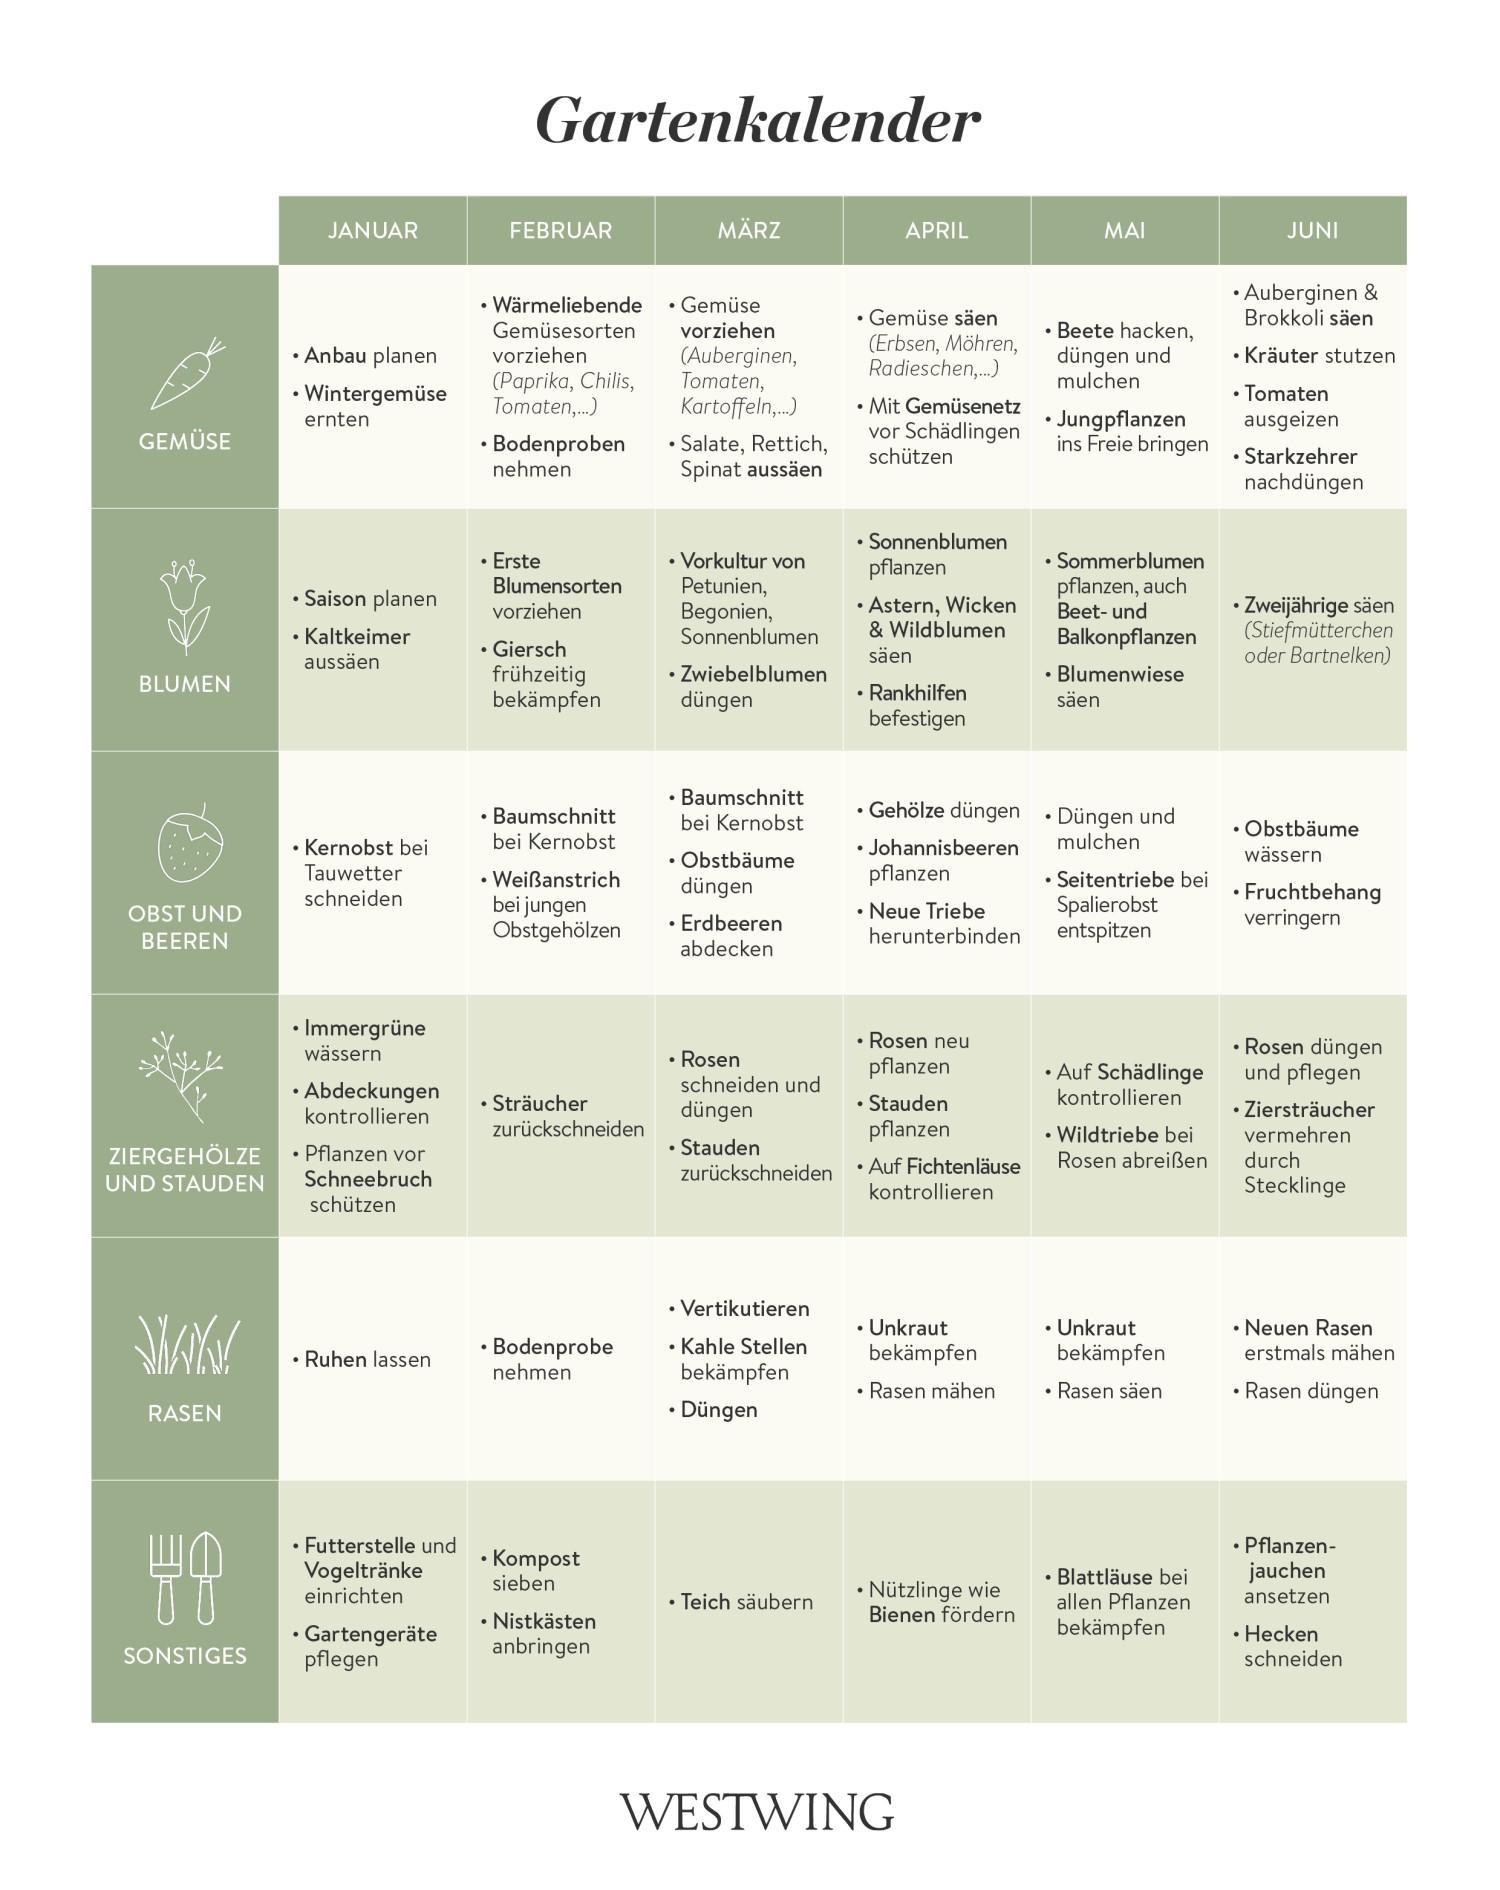 Gartenkalender zum Ausdrucken